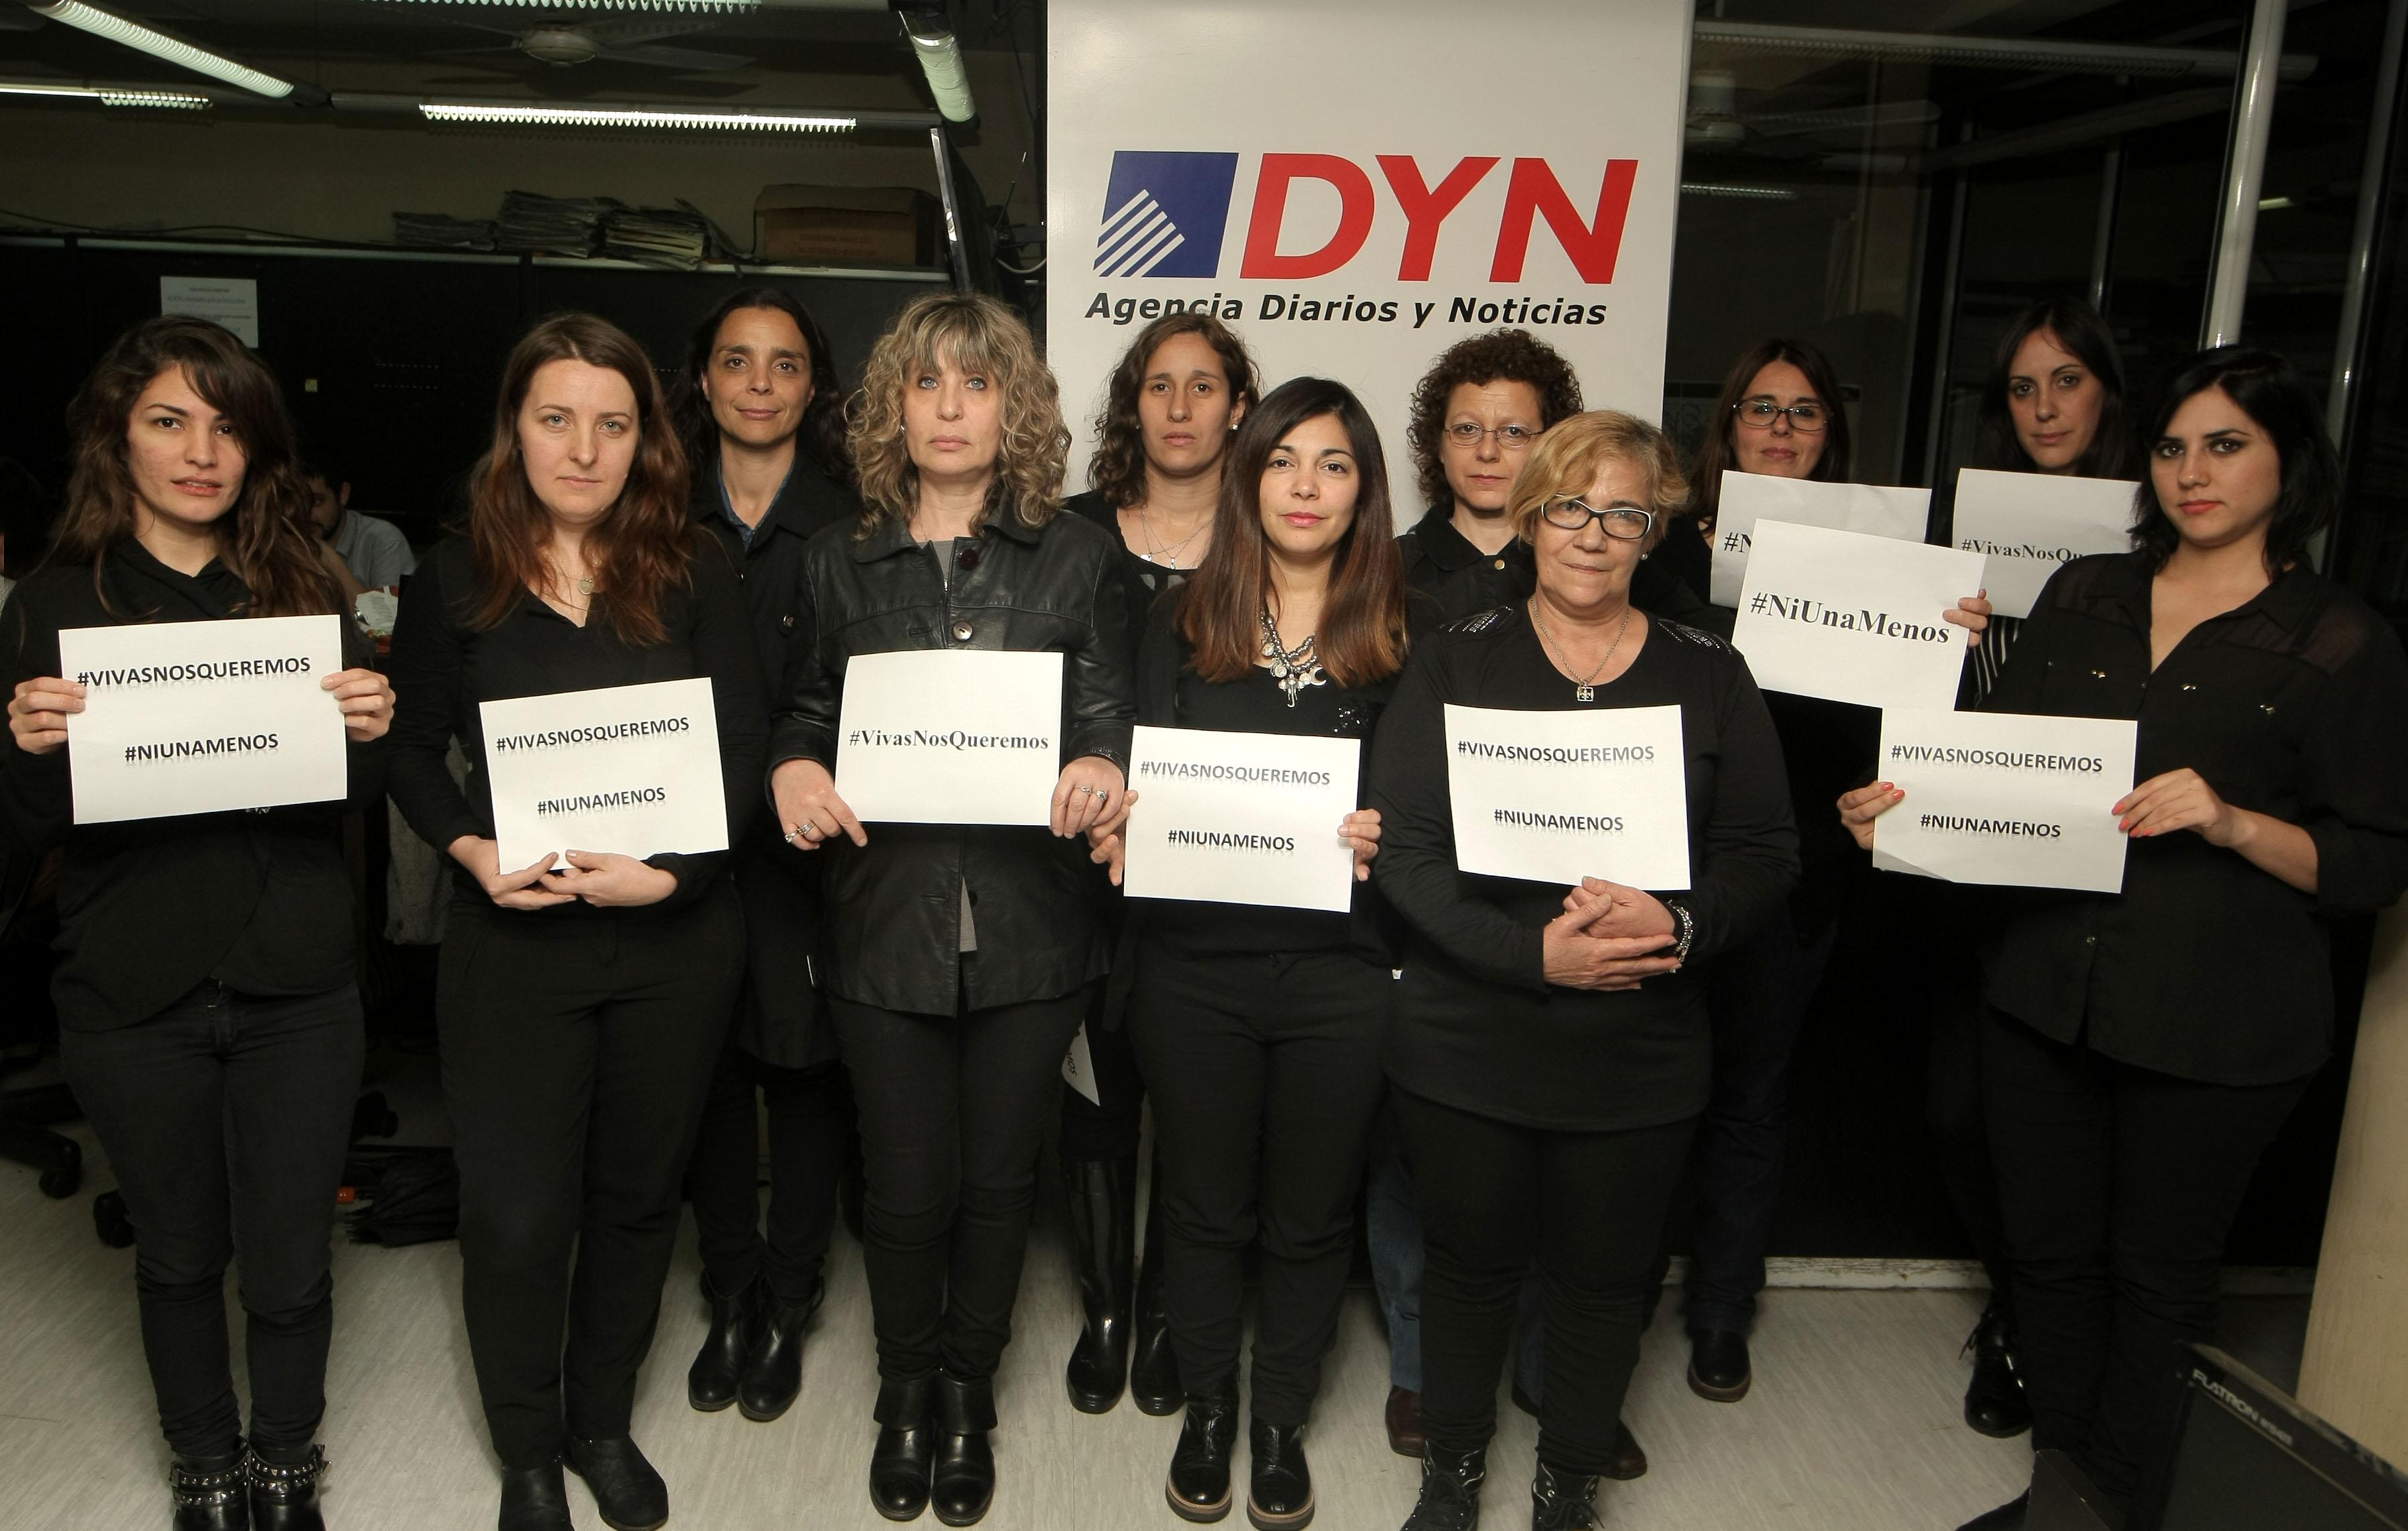 """DYN16, BUENOS AIRES 19/10/16, TRABAJADORAS DE DYN ADHIEREN AL PARO """"NI UNA MAENOS"""".FOTO:DYN/PABLO MOLINA."""